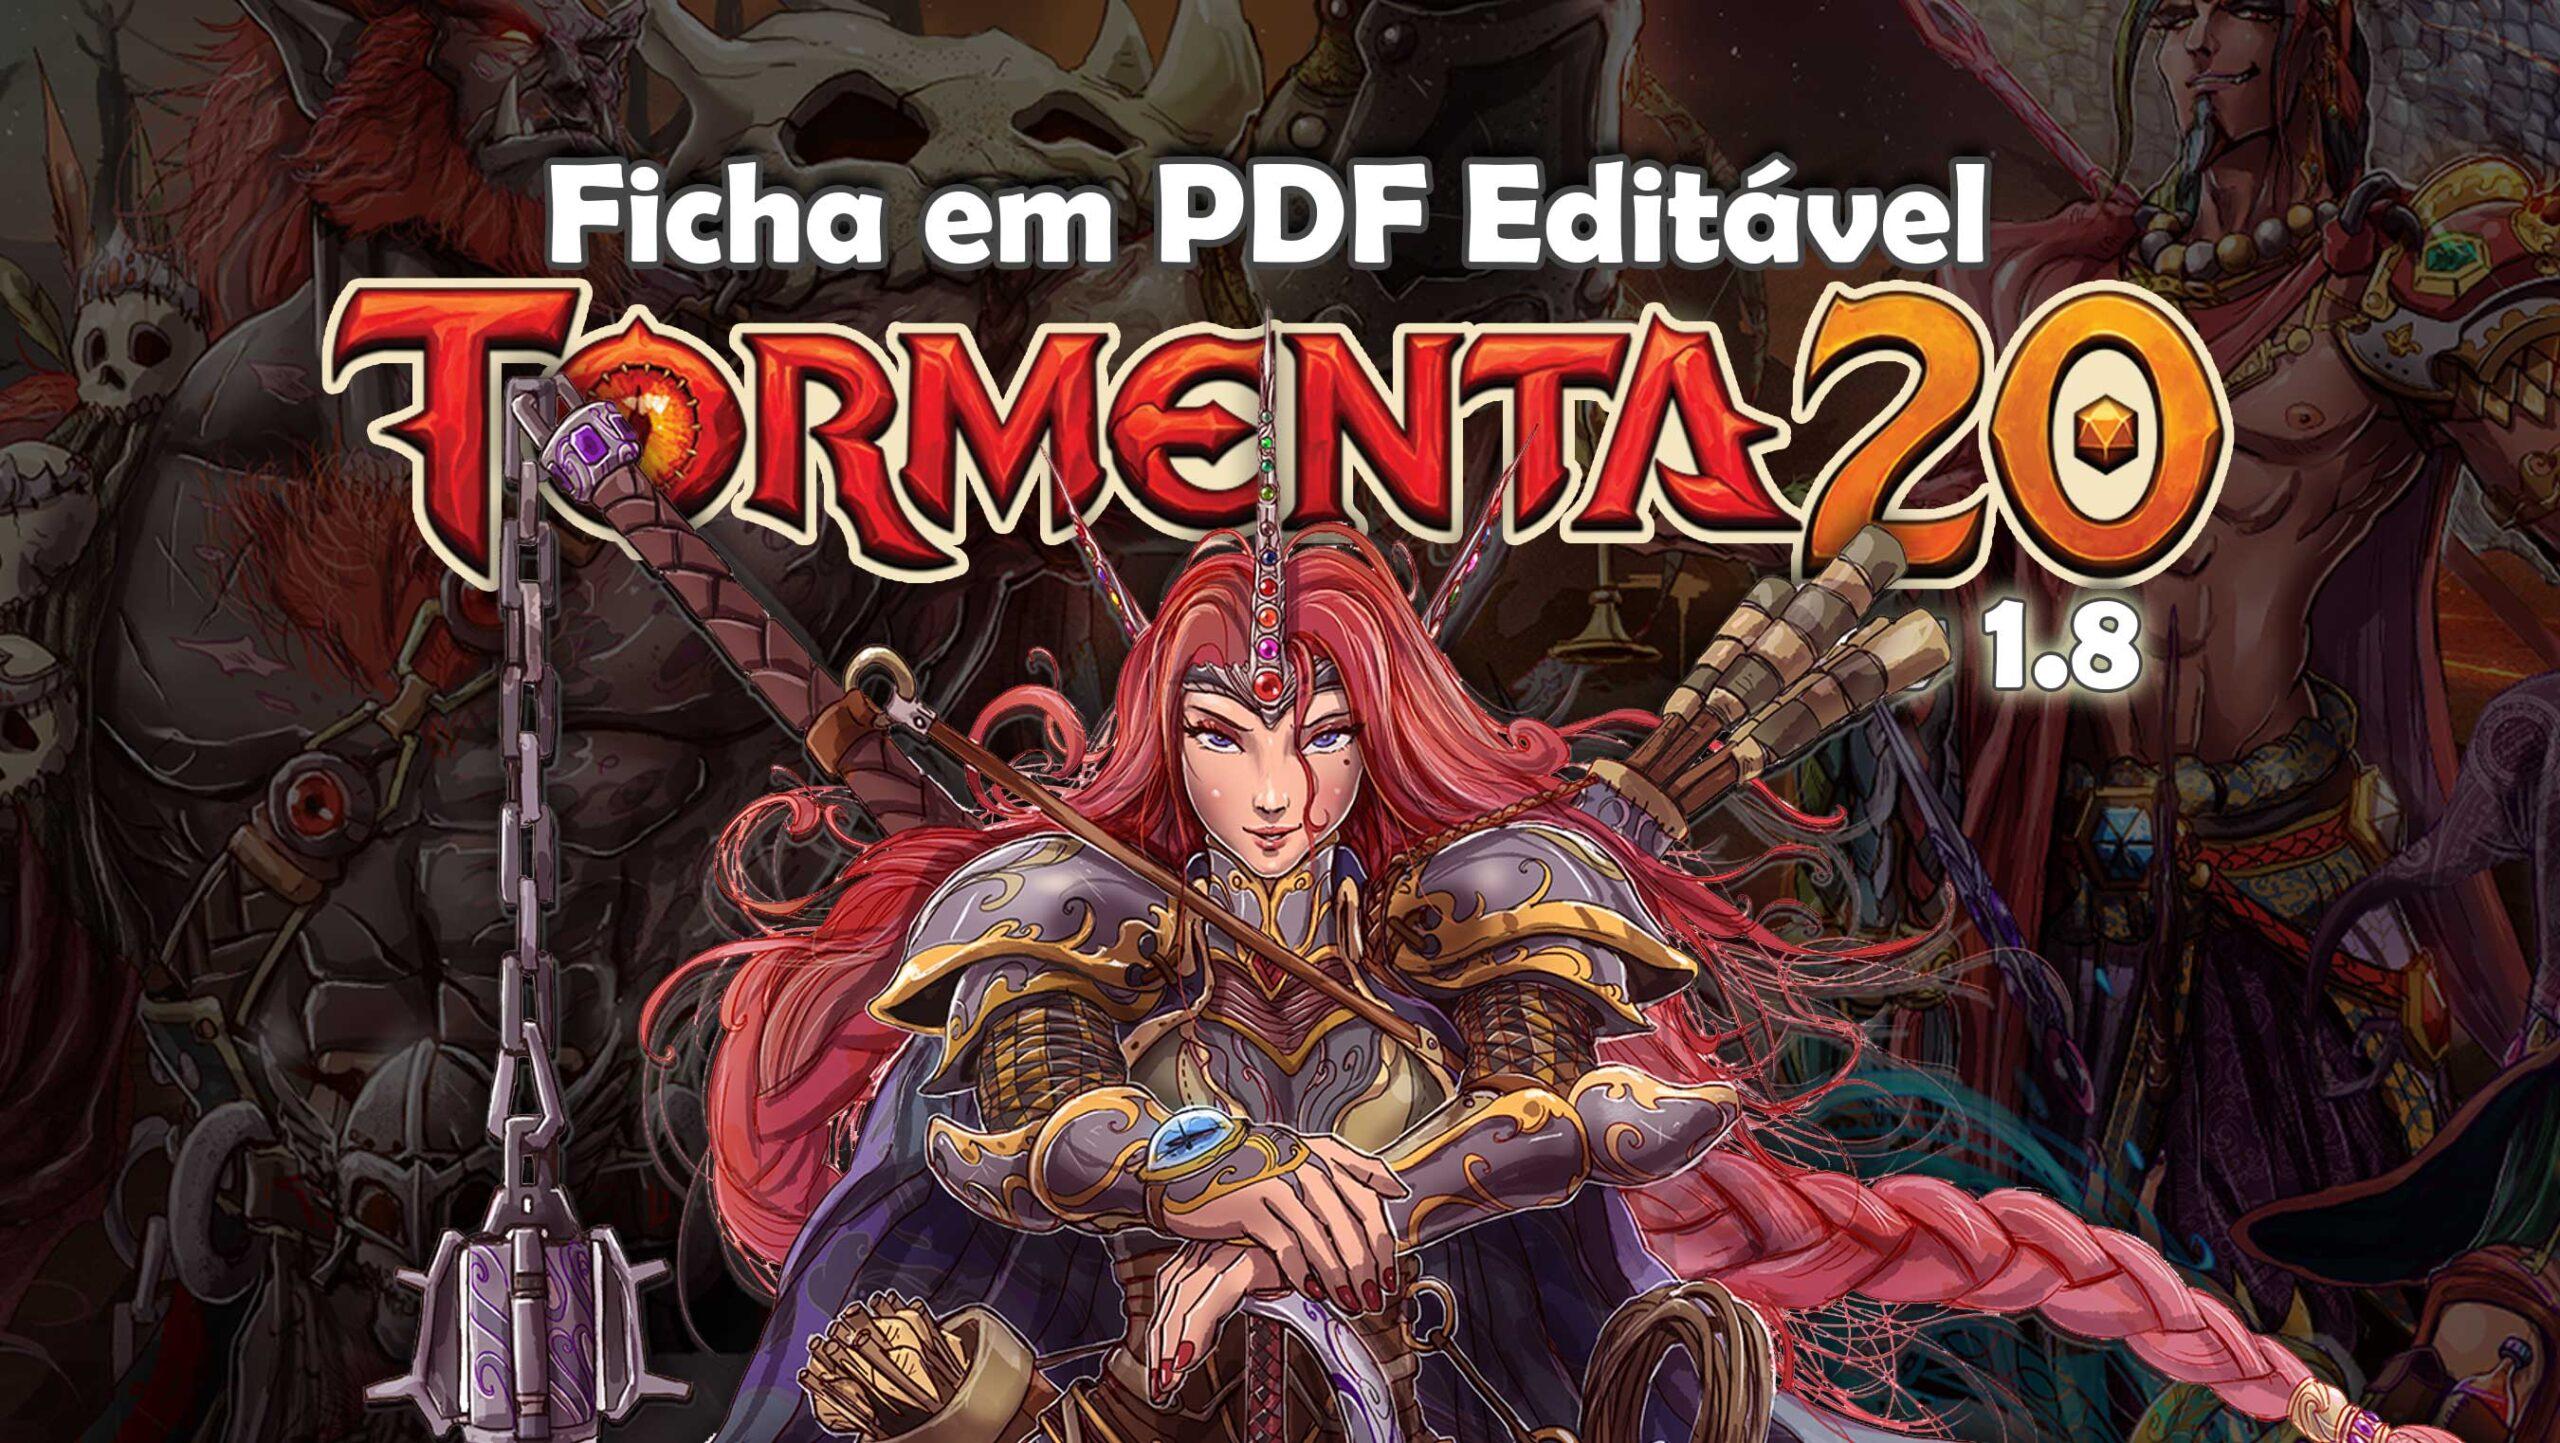 Tormenta20-Ficha-Personagem-FichaT20-v1.8-Valkaria